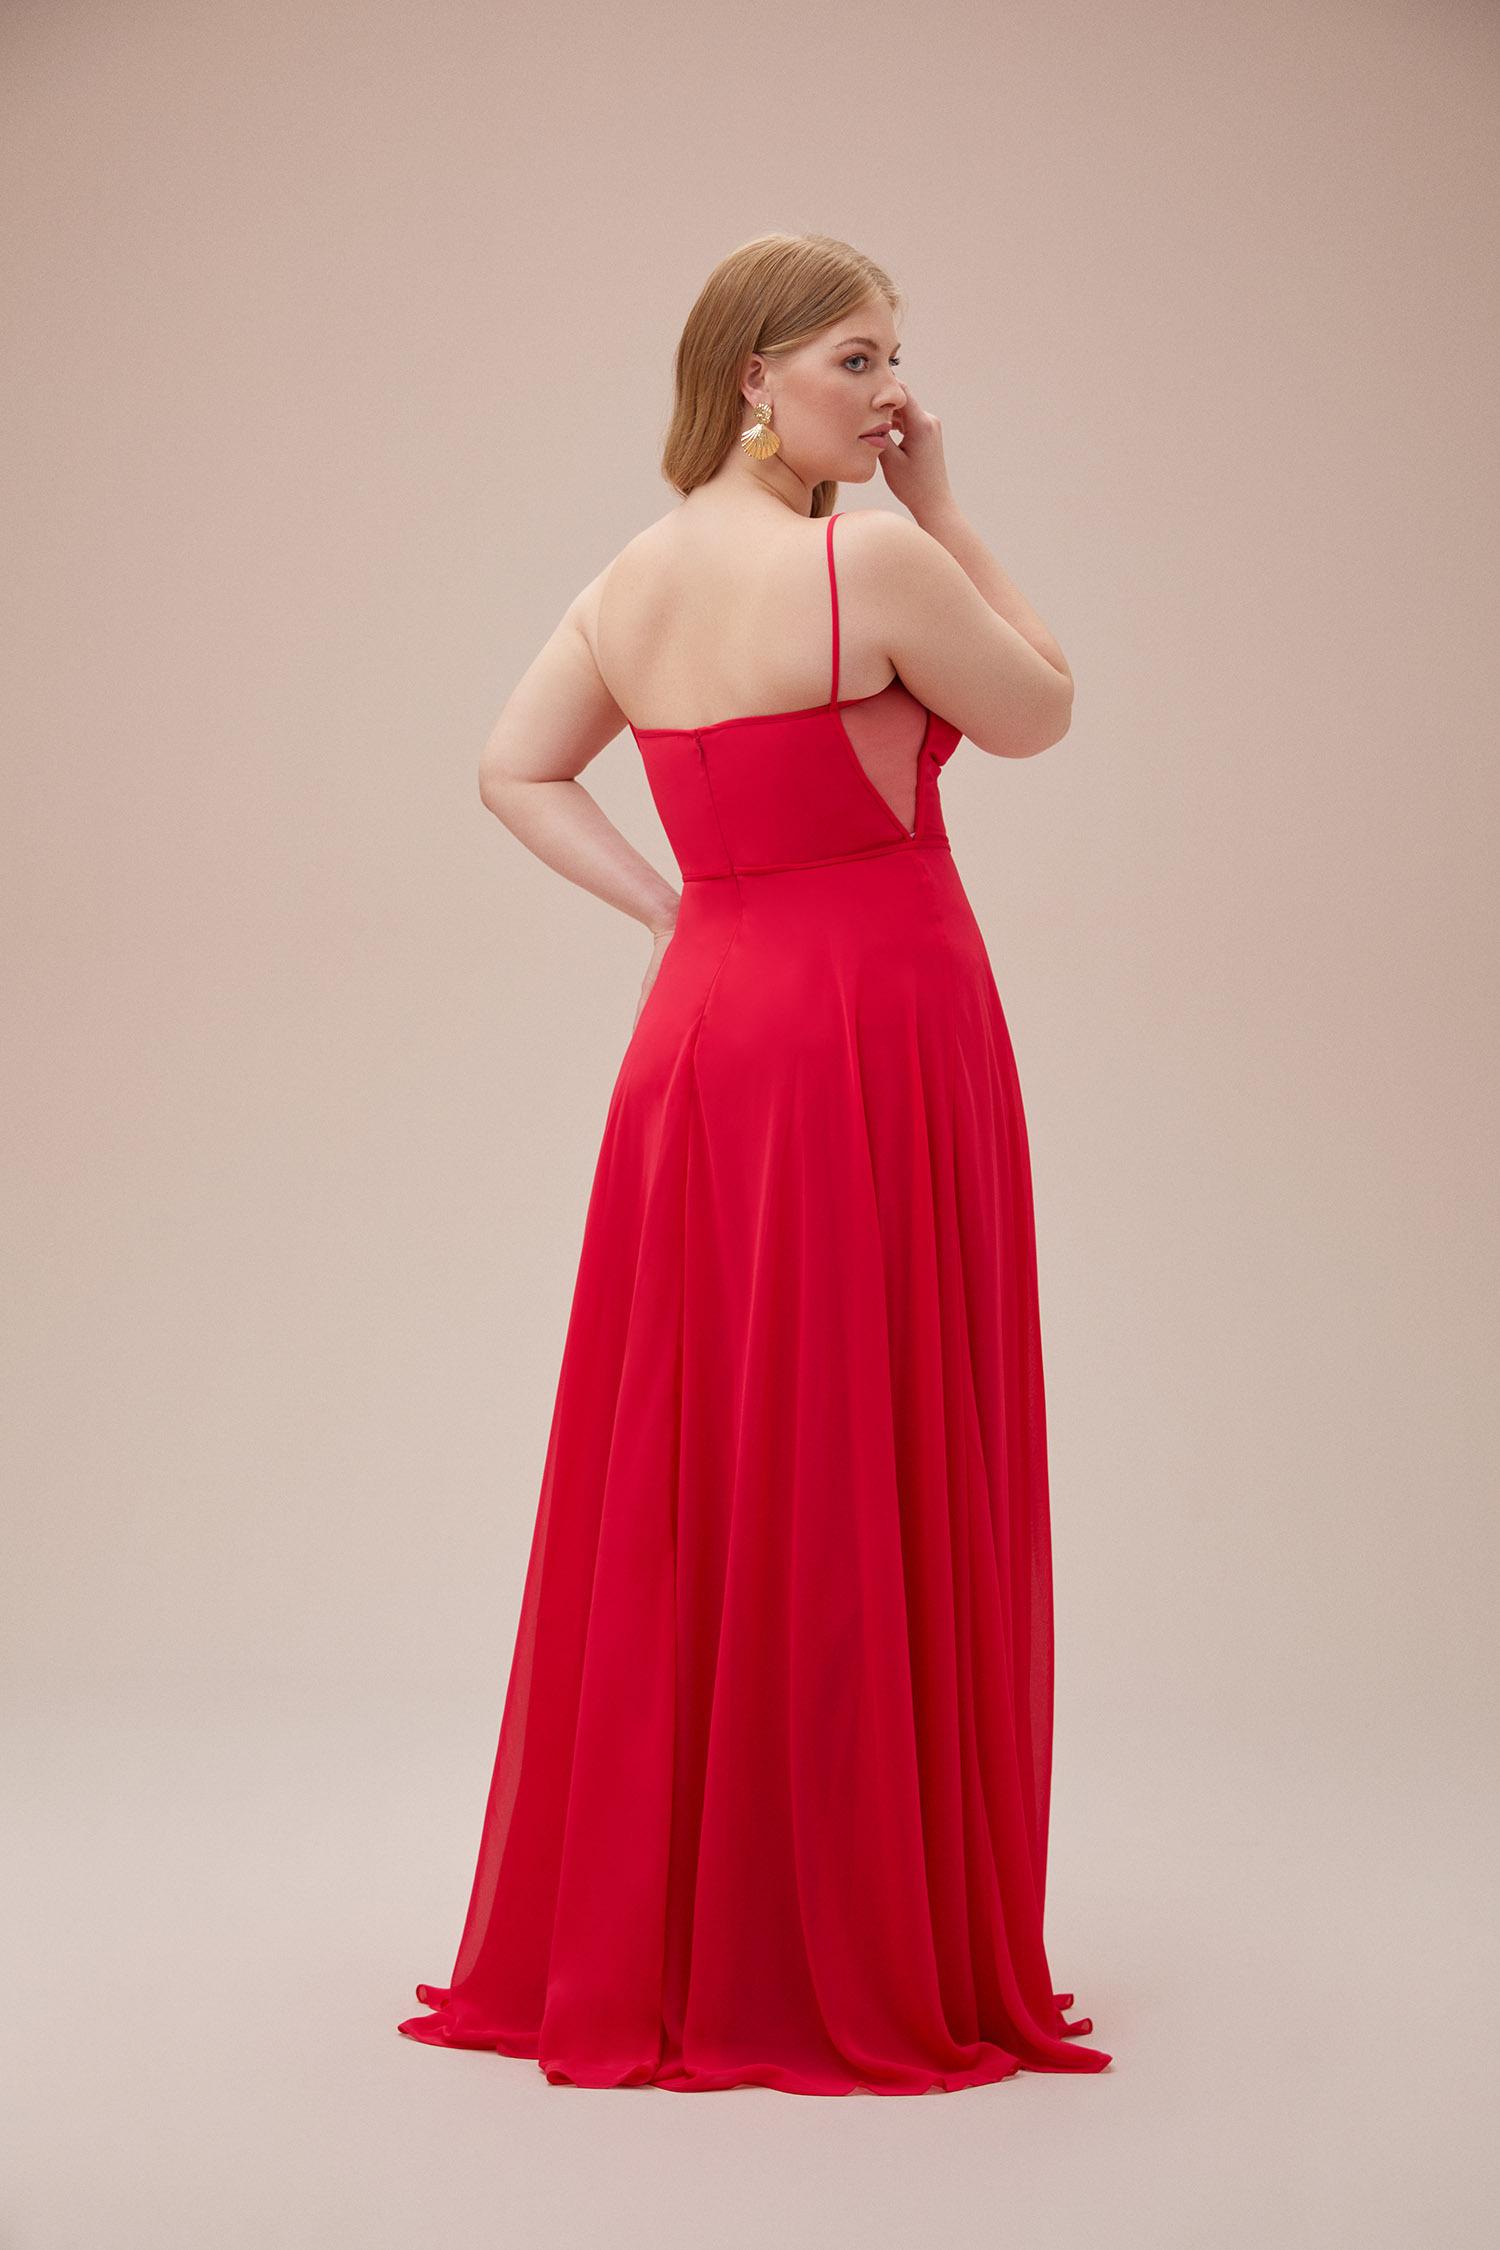 Kardinal Rengi İnce Askılı Şifon Uzun Büyük Beden Elbise - Thumbnail